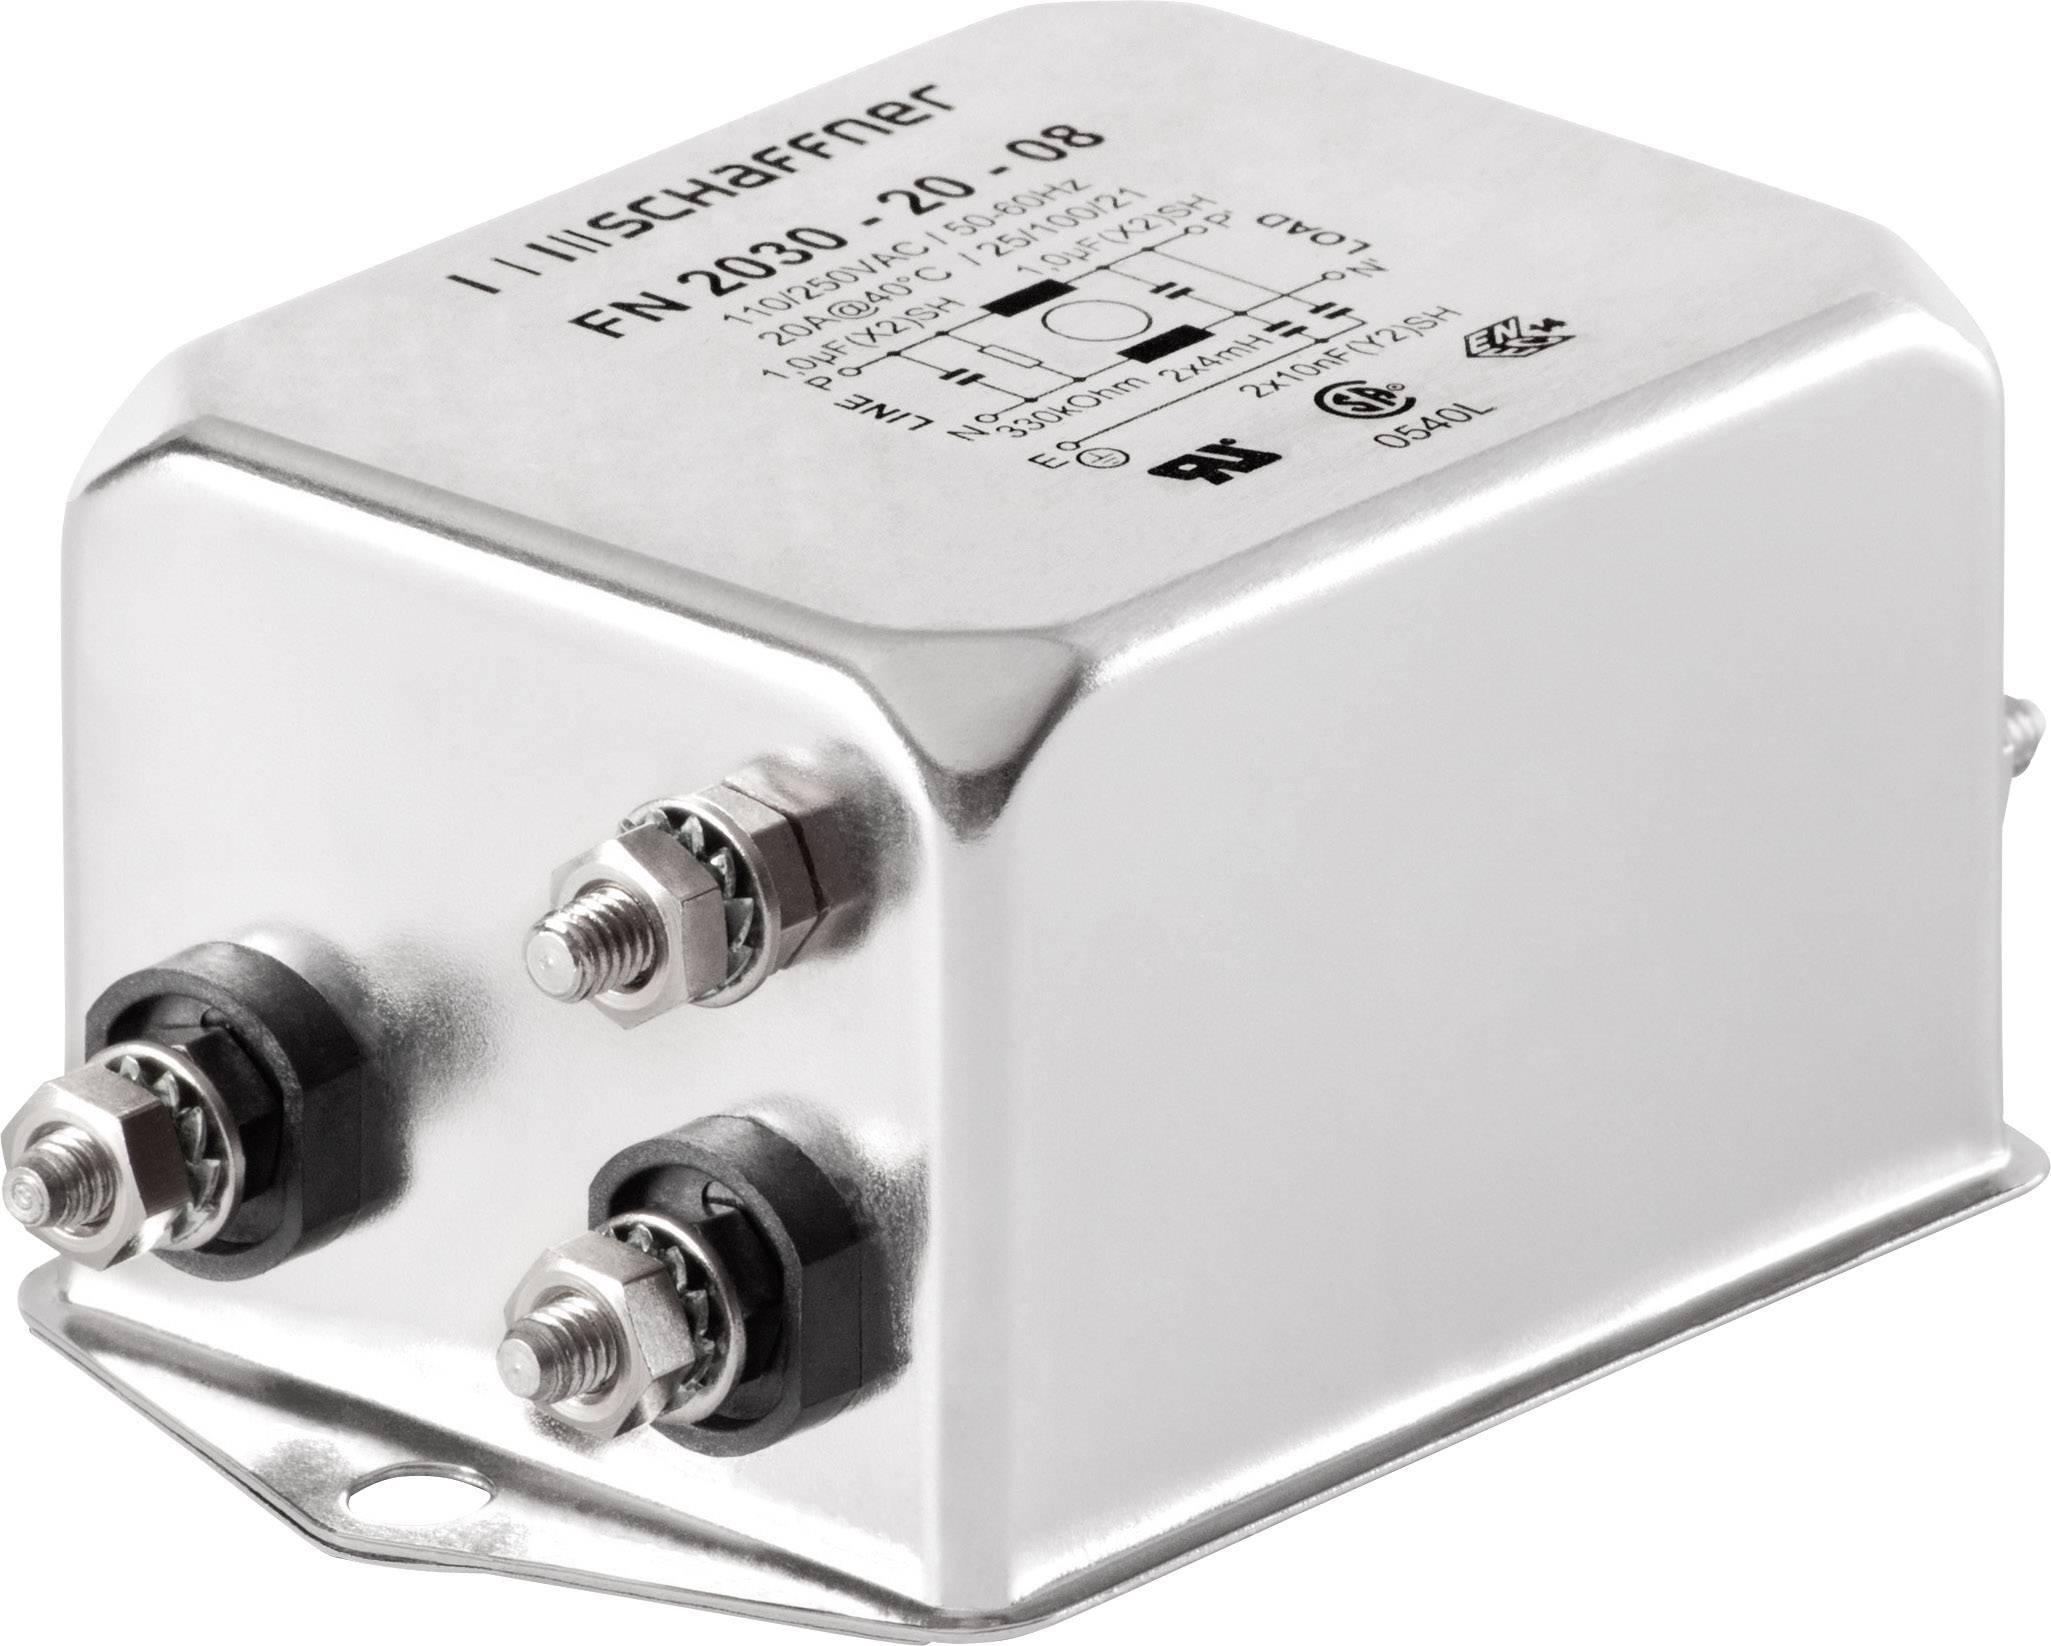 Jednofázový síťový filtr Schaffner, FN2030-6-06, 8 mH, 250 V/AC, 6 A